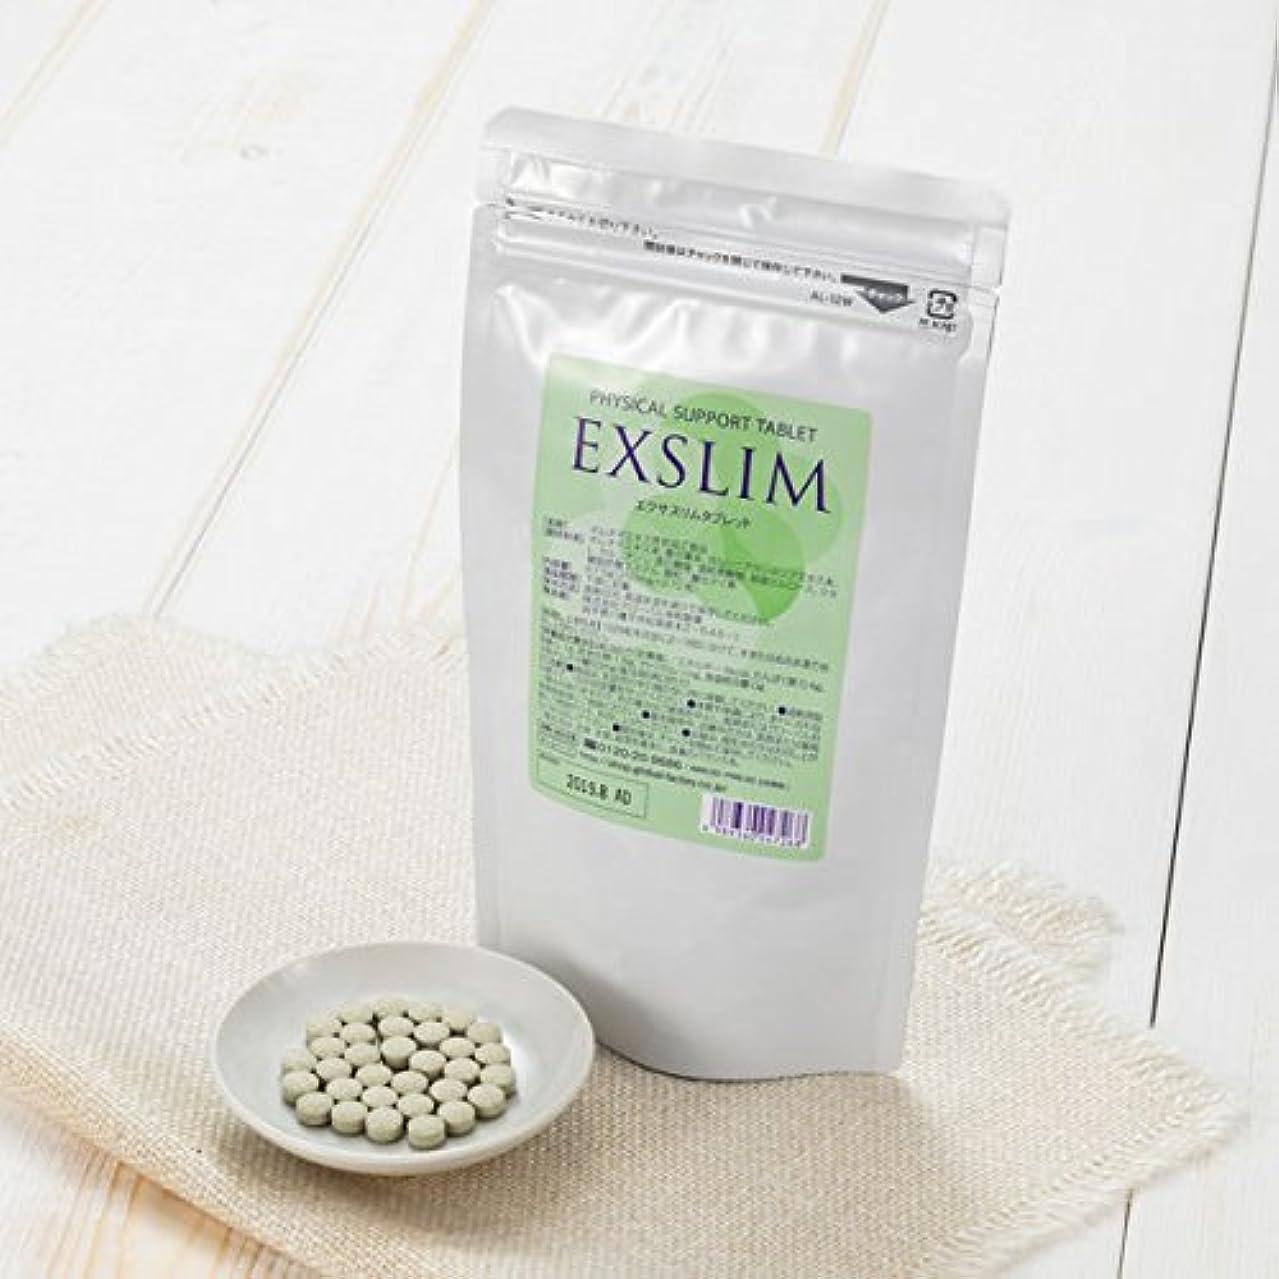 あいさつ発行繁栄【EXSLIM】エクサスリム タブレット (250mg×270粒)